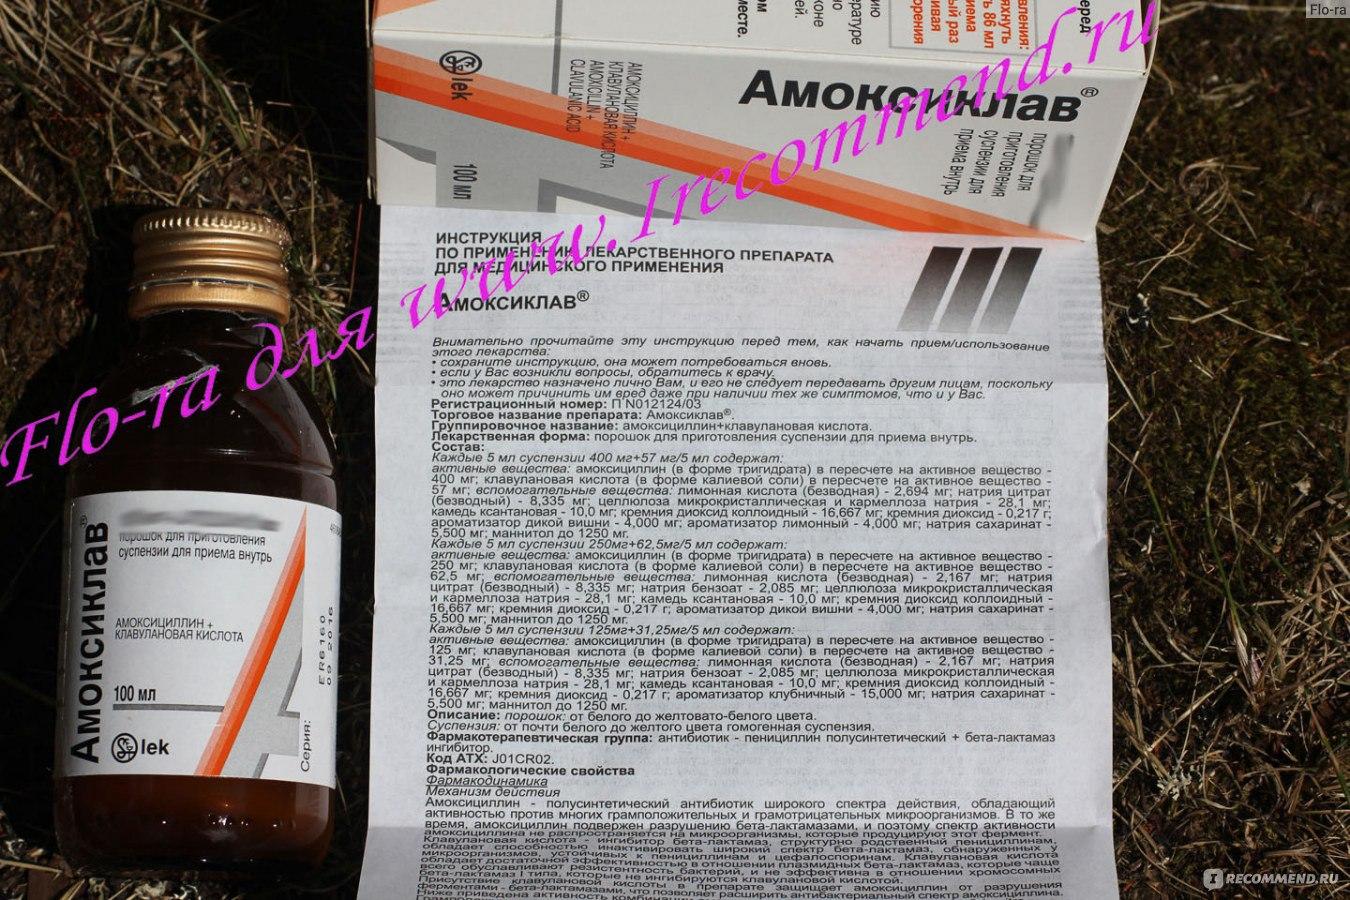 амоксиклав 250 способ приготовления суспензии